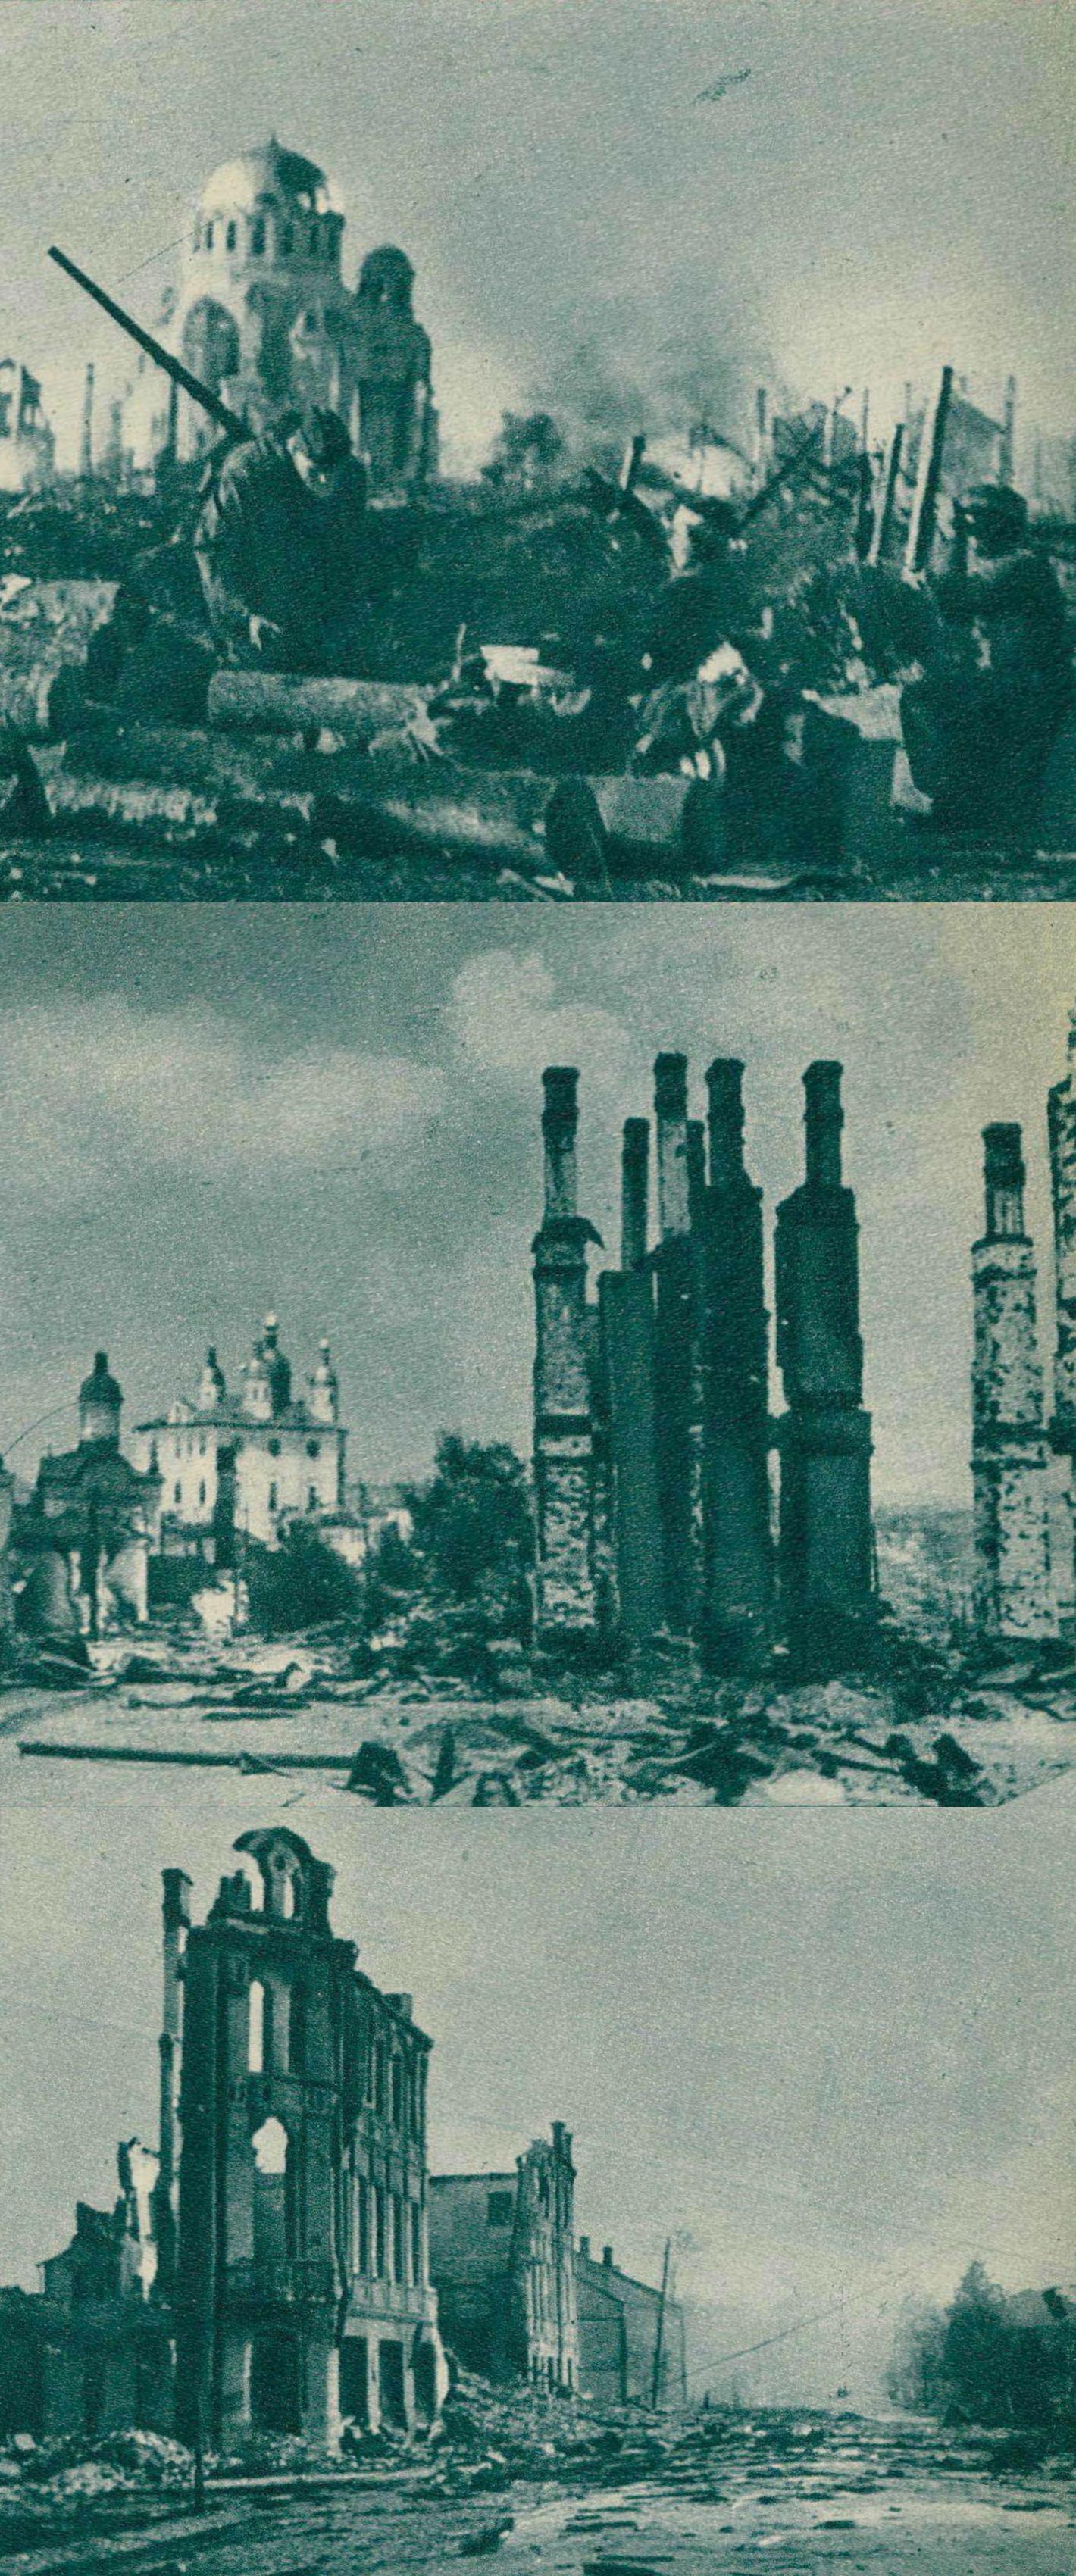 Ruines de LENINGRAD, Cliquer sur la photo pour une vue agrandie et quelques infos